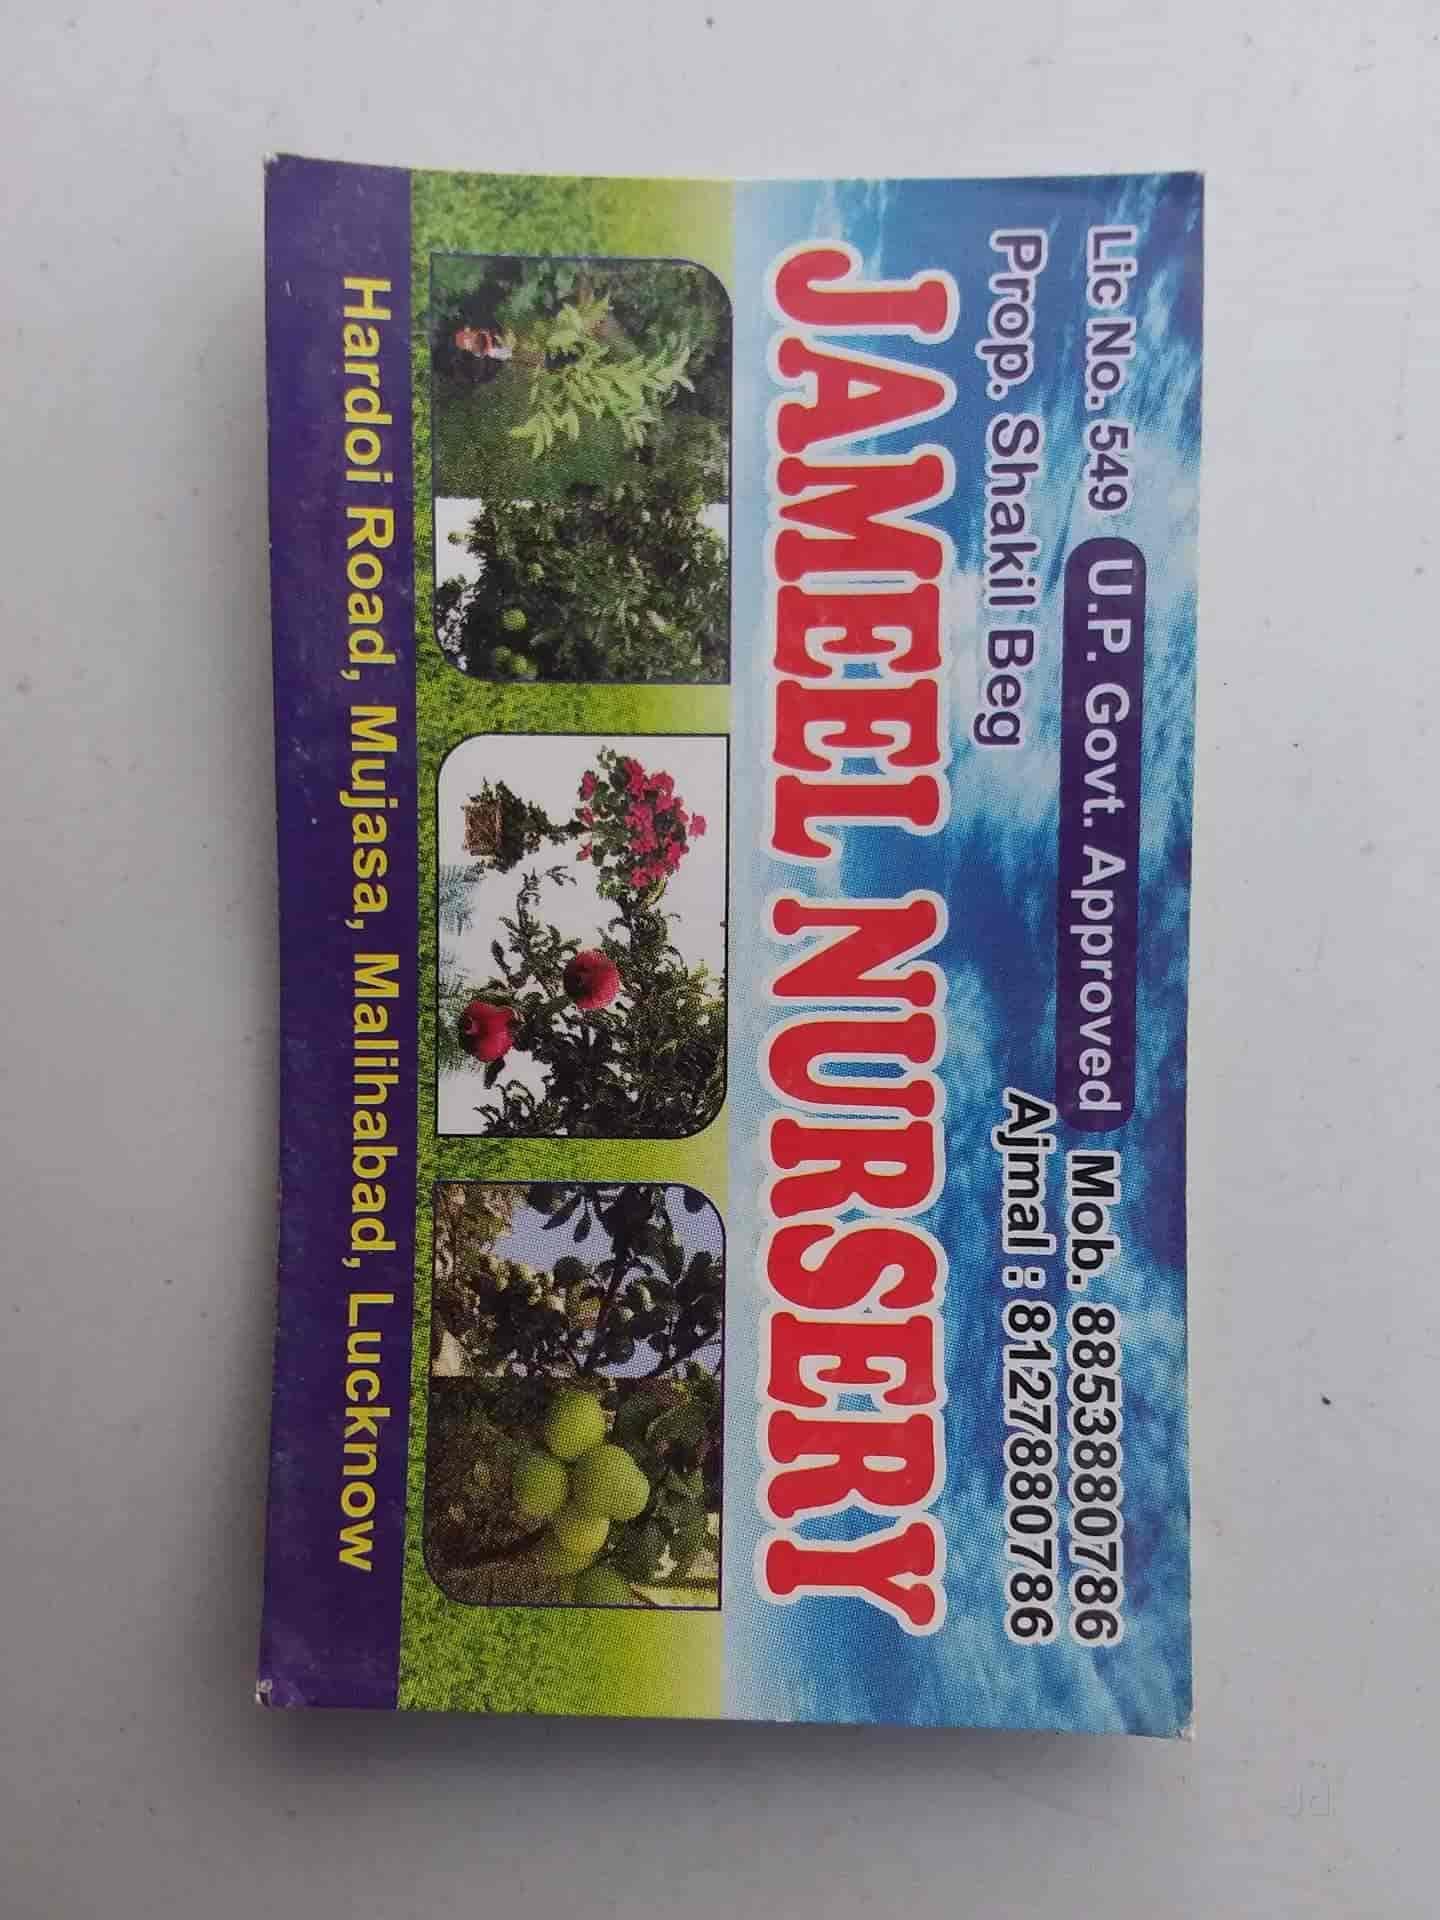 Jameel Nursery, Malihabad - Fruit Plant Nurseries in Lucknow